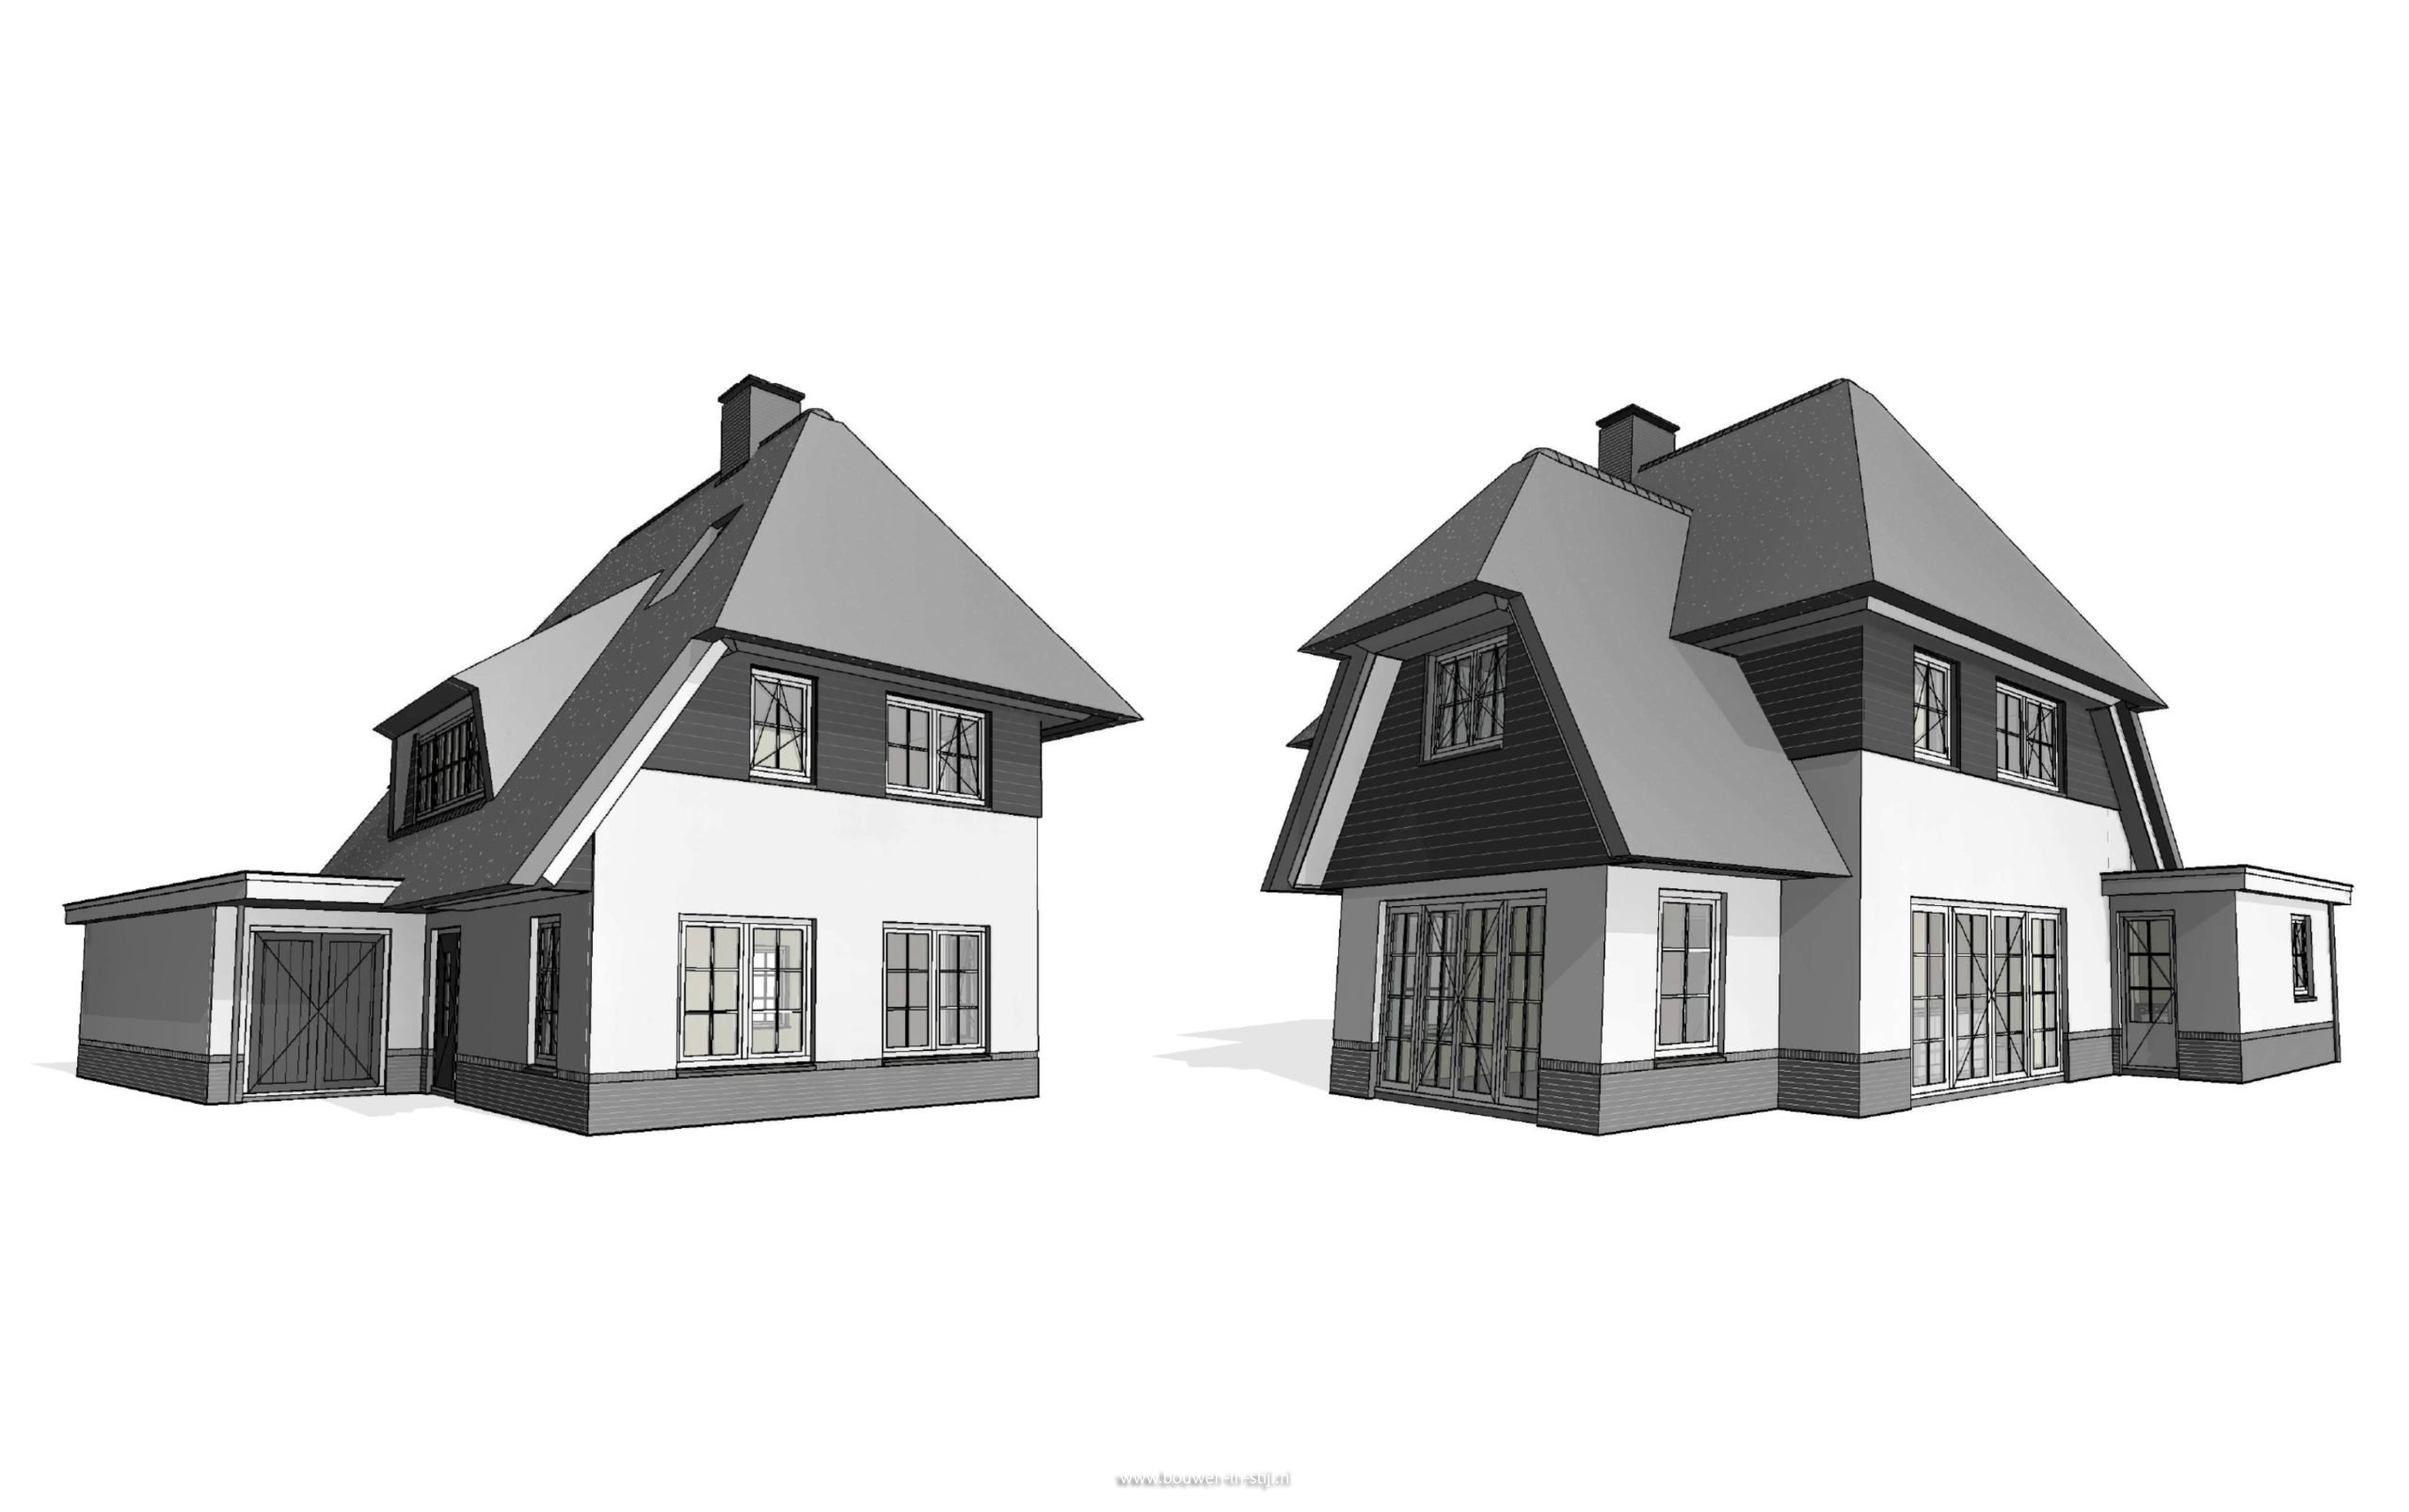 Nieuwbouw vrijstaande woning te leusden hab bouwen in for Prijzen nieuwbouw vrijstaande woning